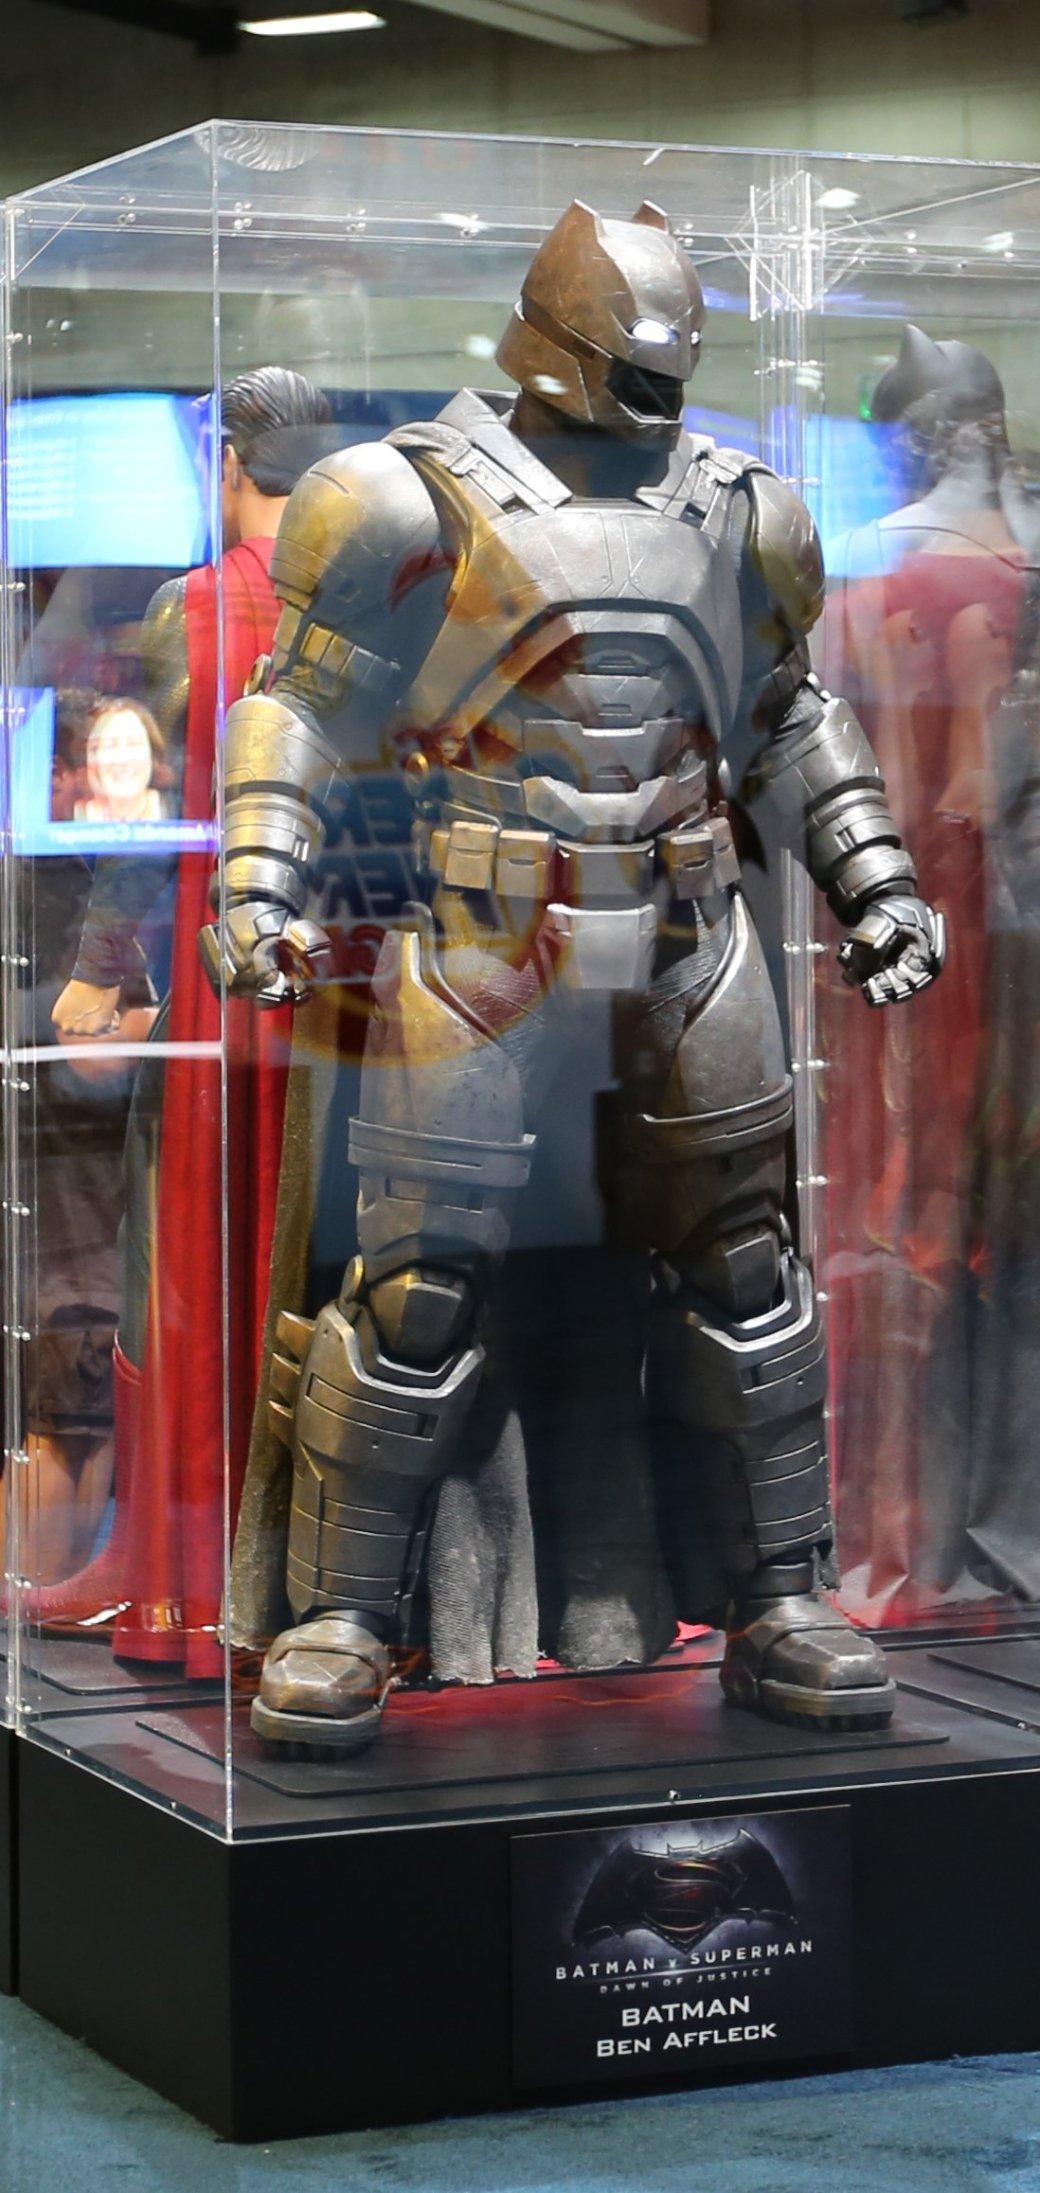 Костюмы, гаджеты и фигурки Бэтмена на Comic-Con 2015 - Изображение 19